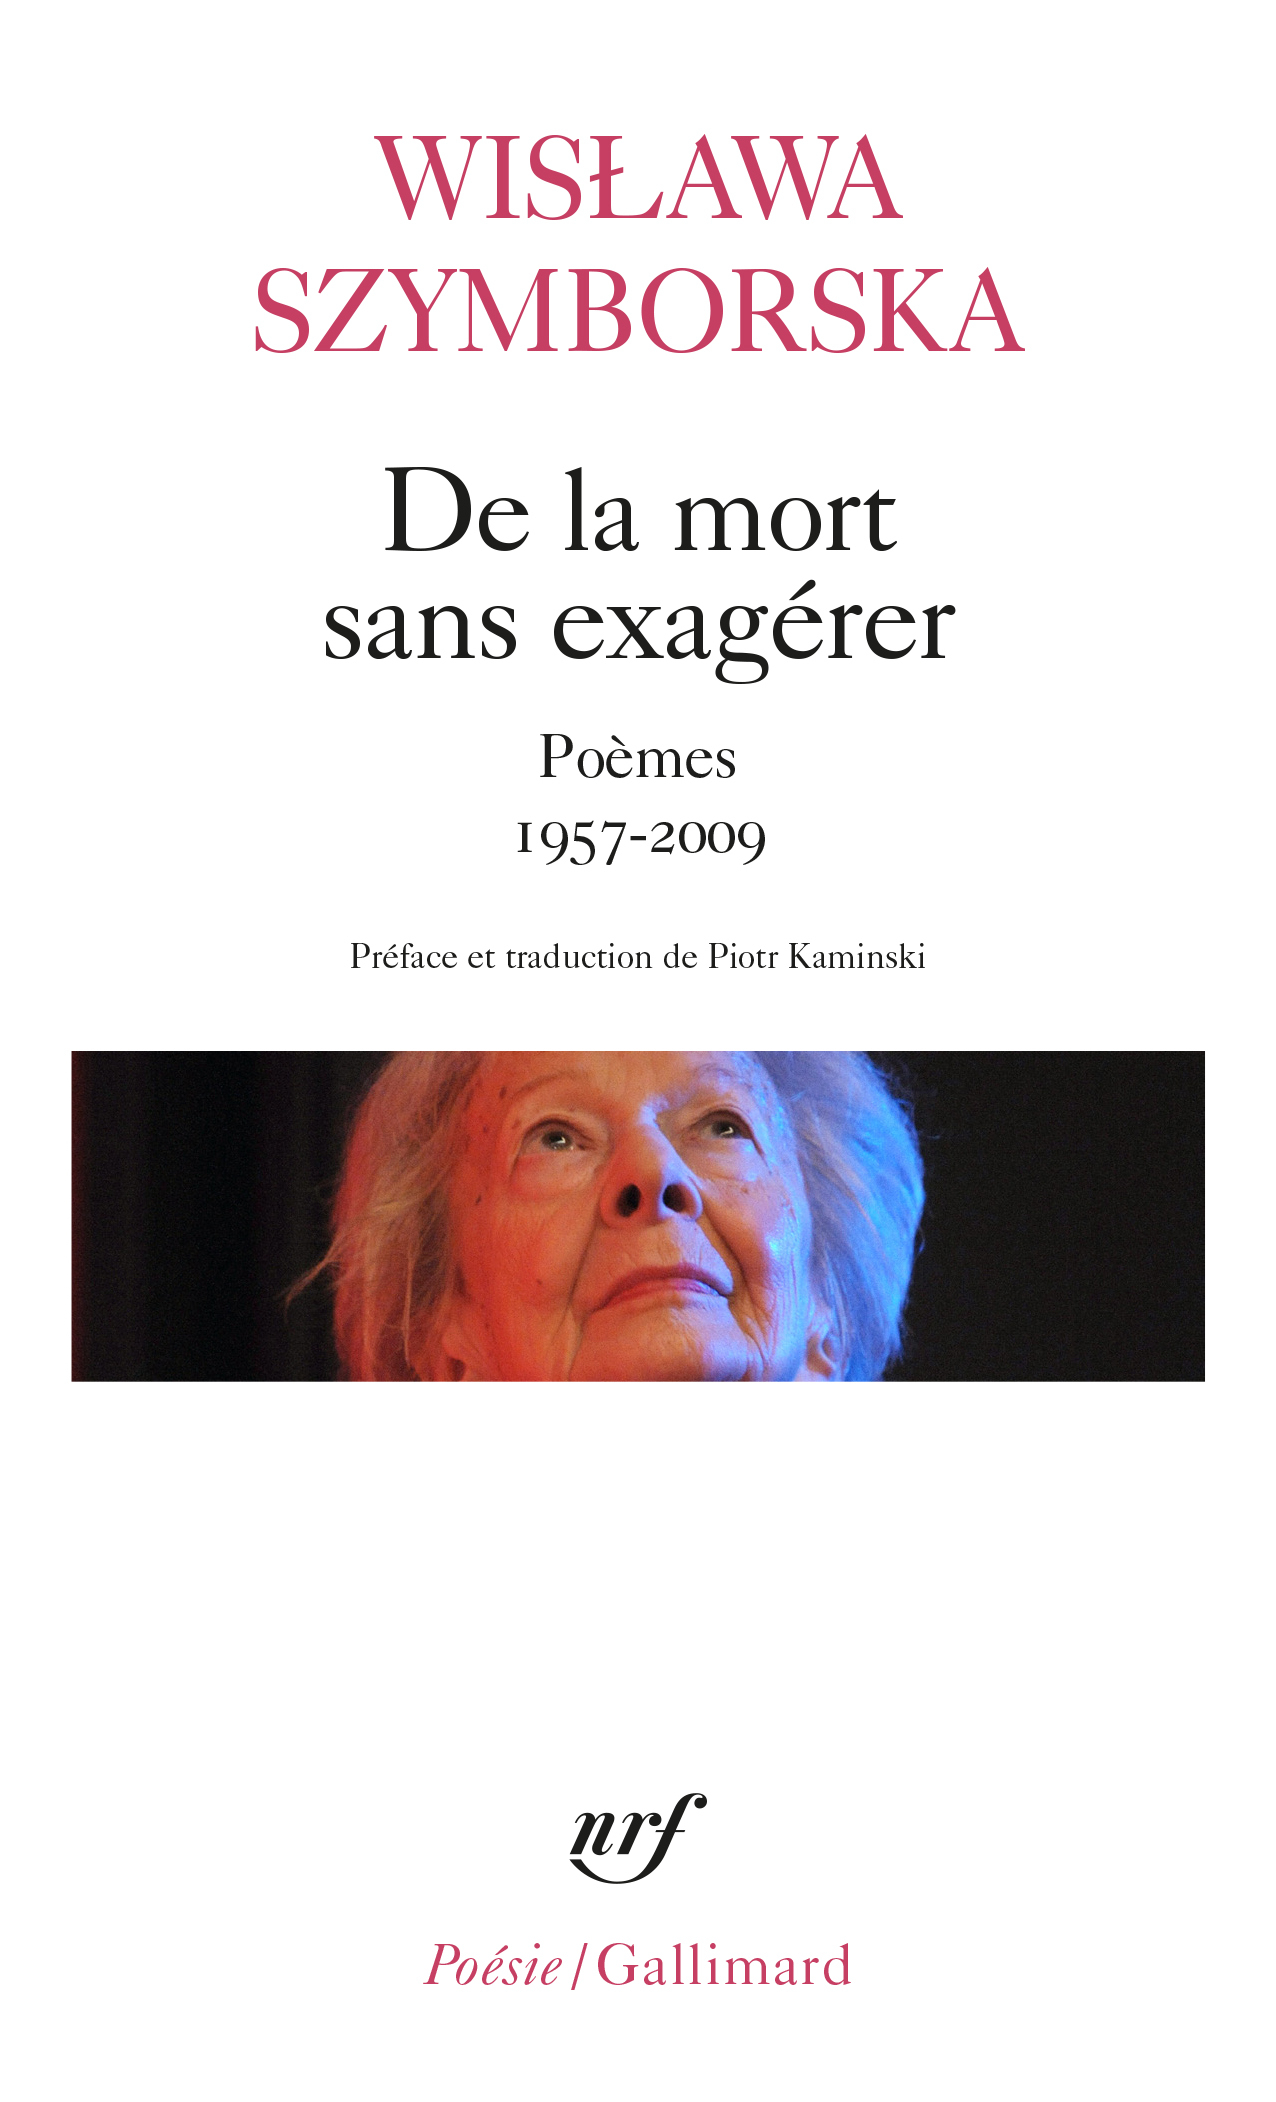 DE LA MORT SANS EXAGERER